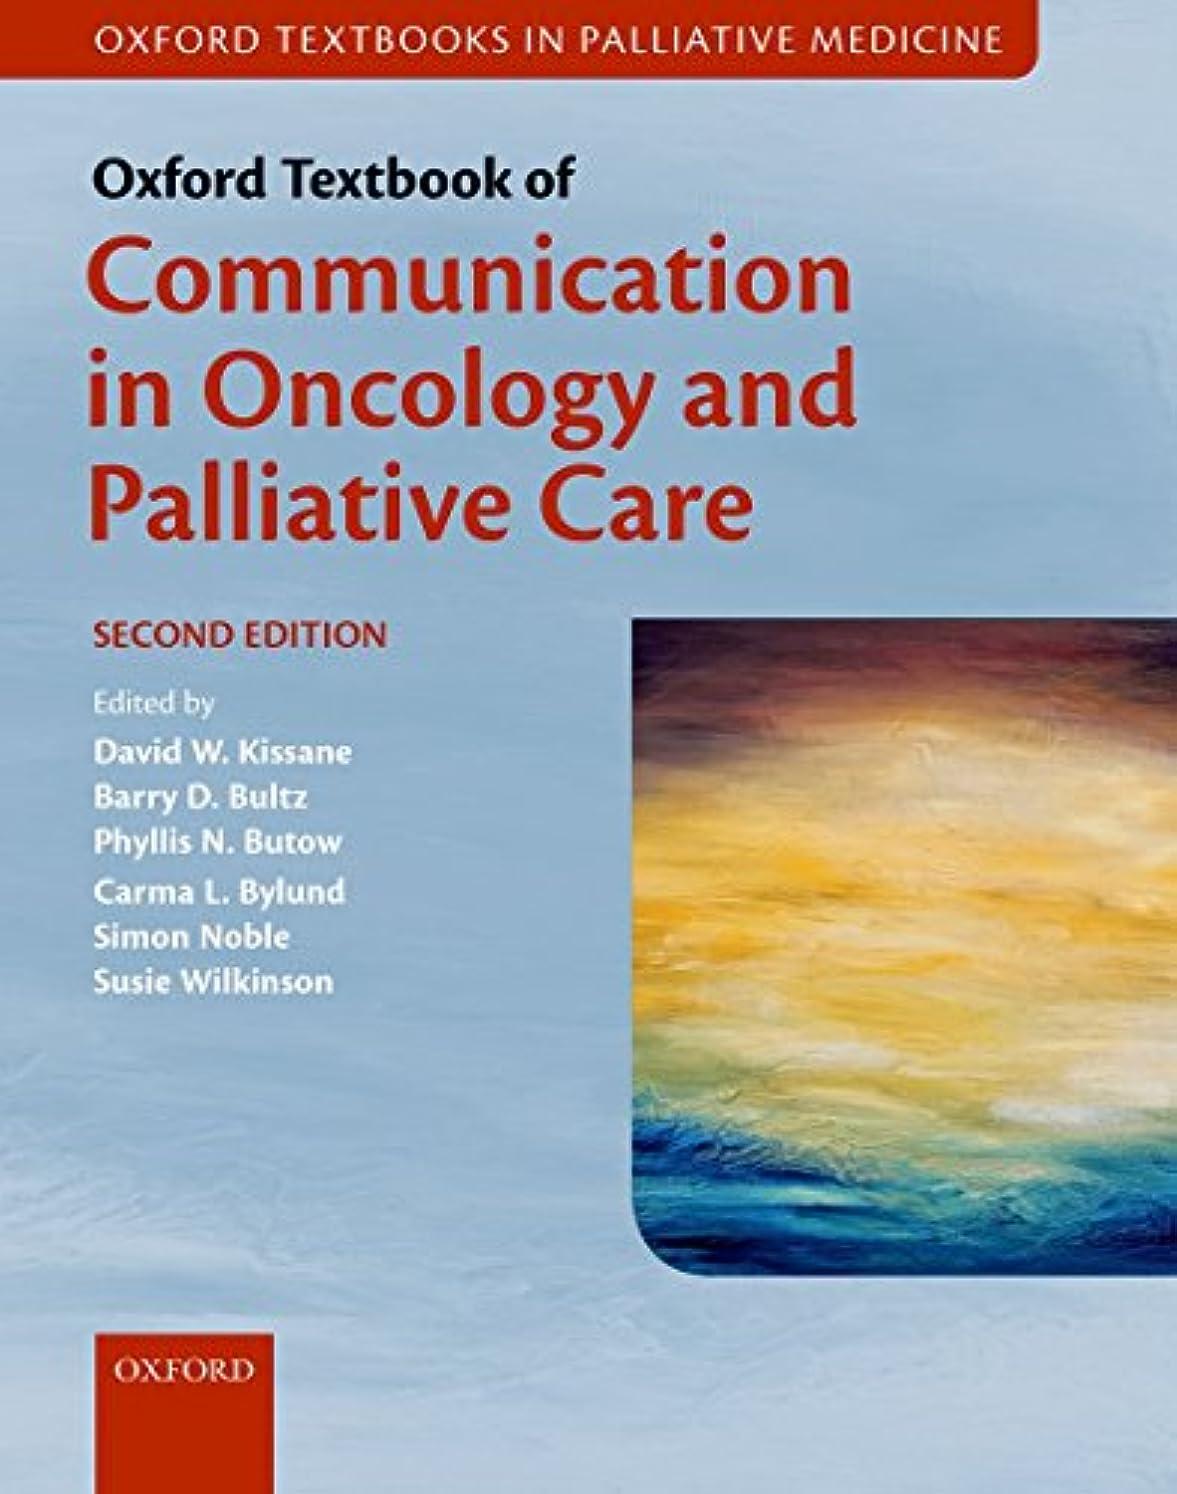 通訳法医学シュートOxford Textbook of Communication in Oncology and Palliative Care (Oxford Textbooks in Palliative Medicine)